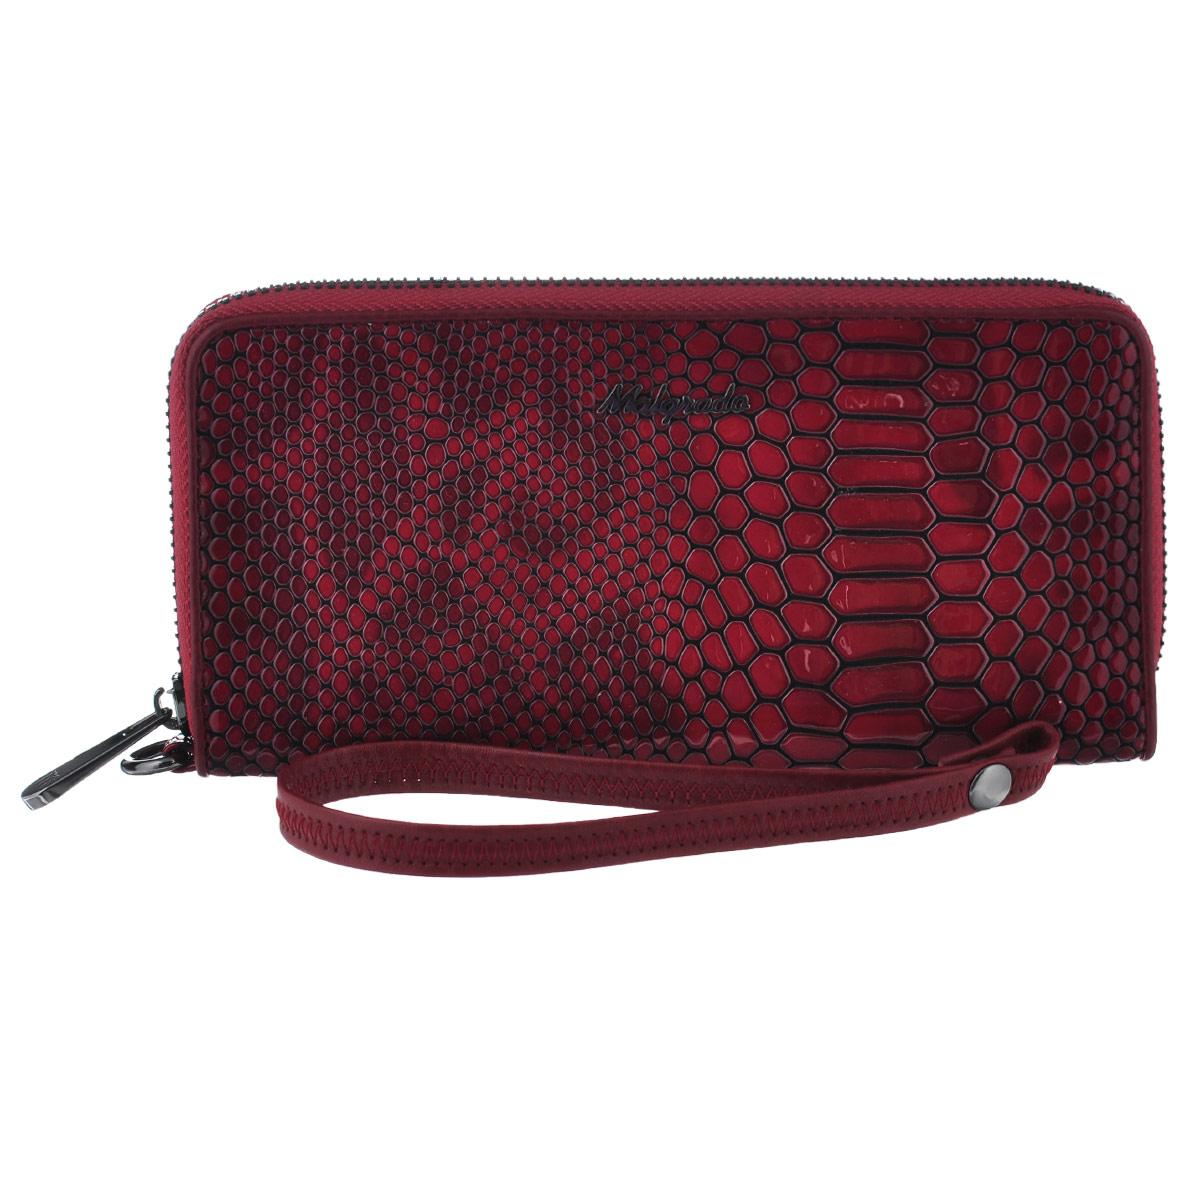 Кошелек женский Malgrado, цвет: темно-красный, бордовый. 73005-4030273005-40302# Red